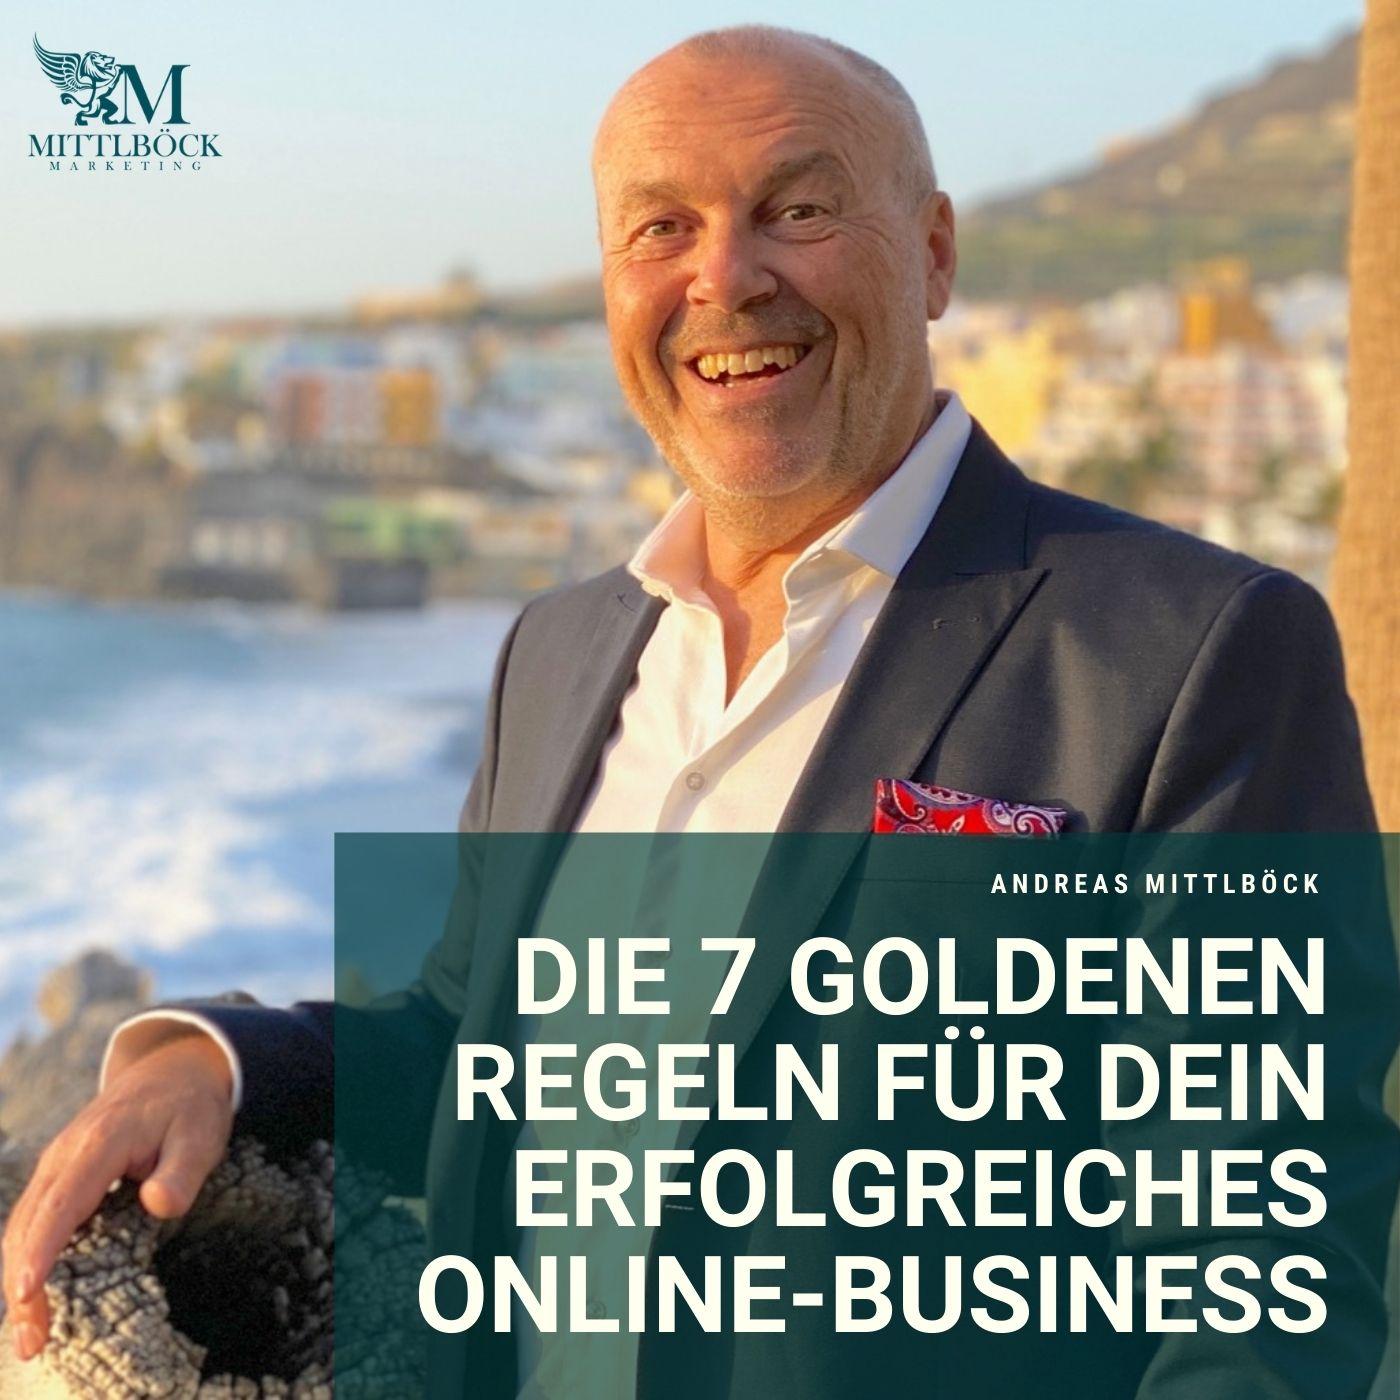 Mittlboeck Marketing die 7 goldenen Regeln zum Start Deines Business